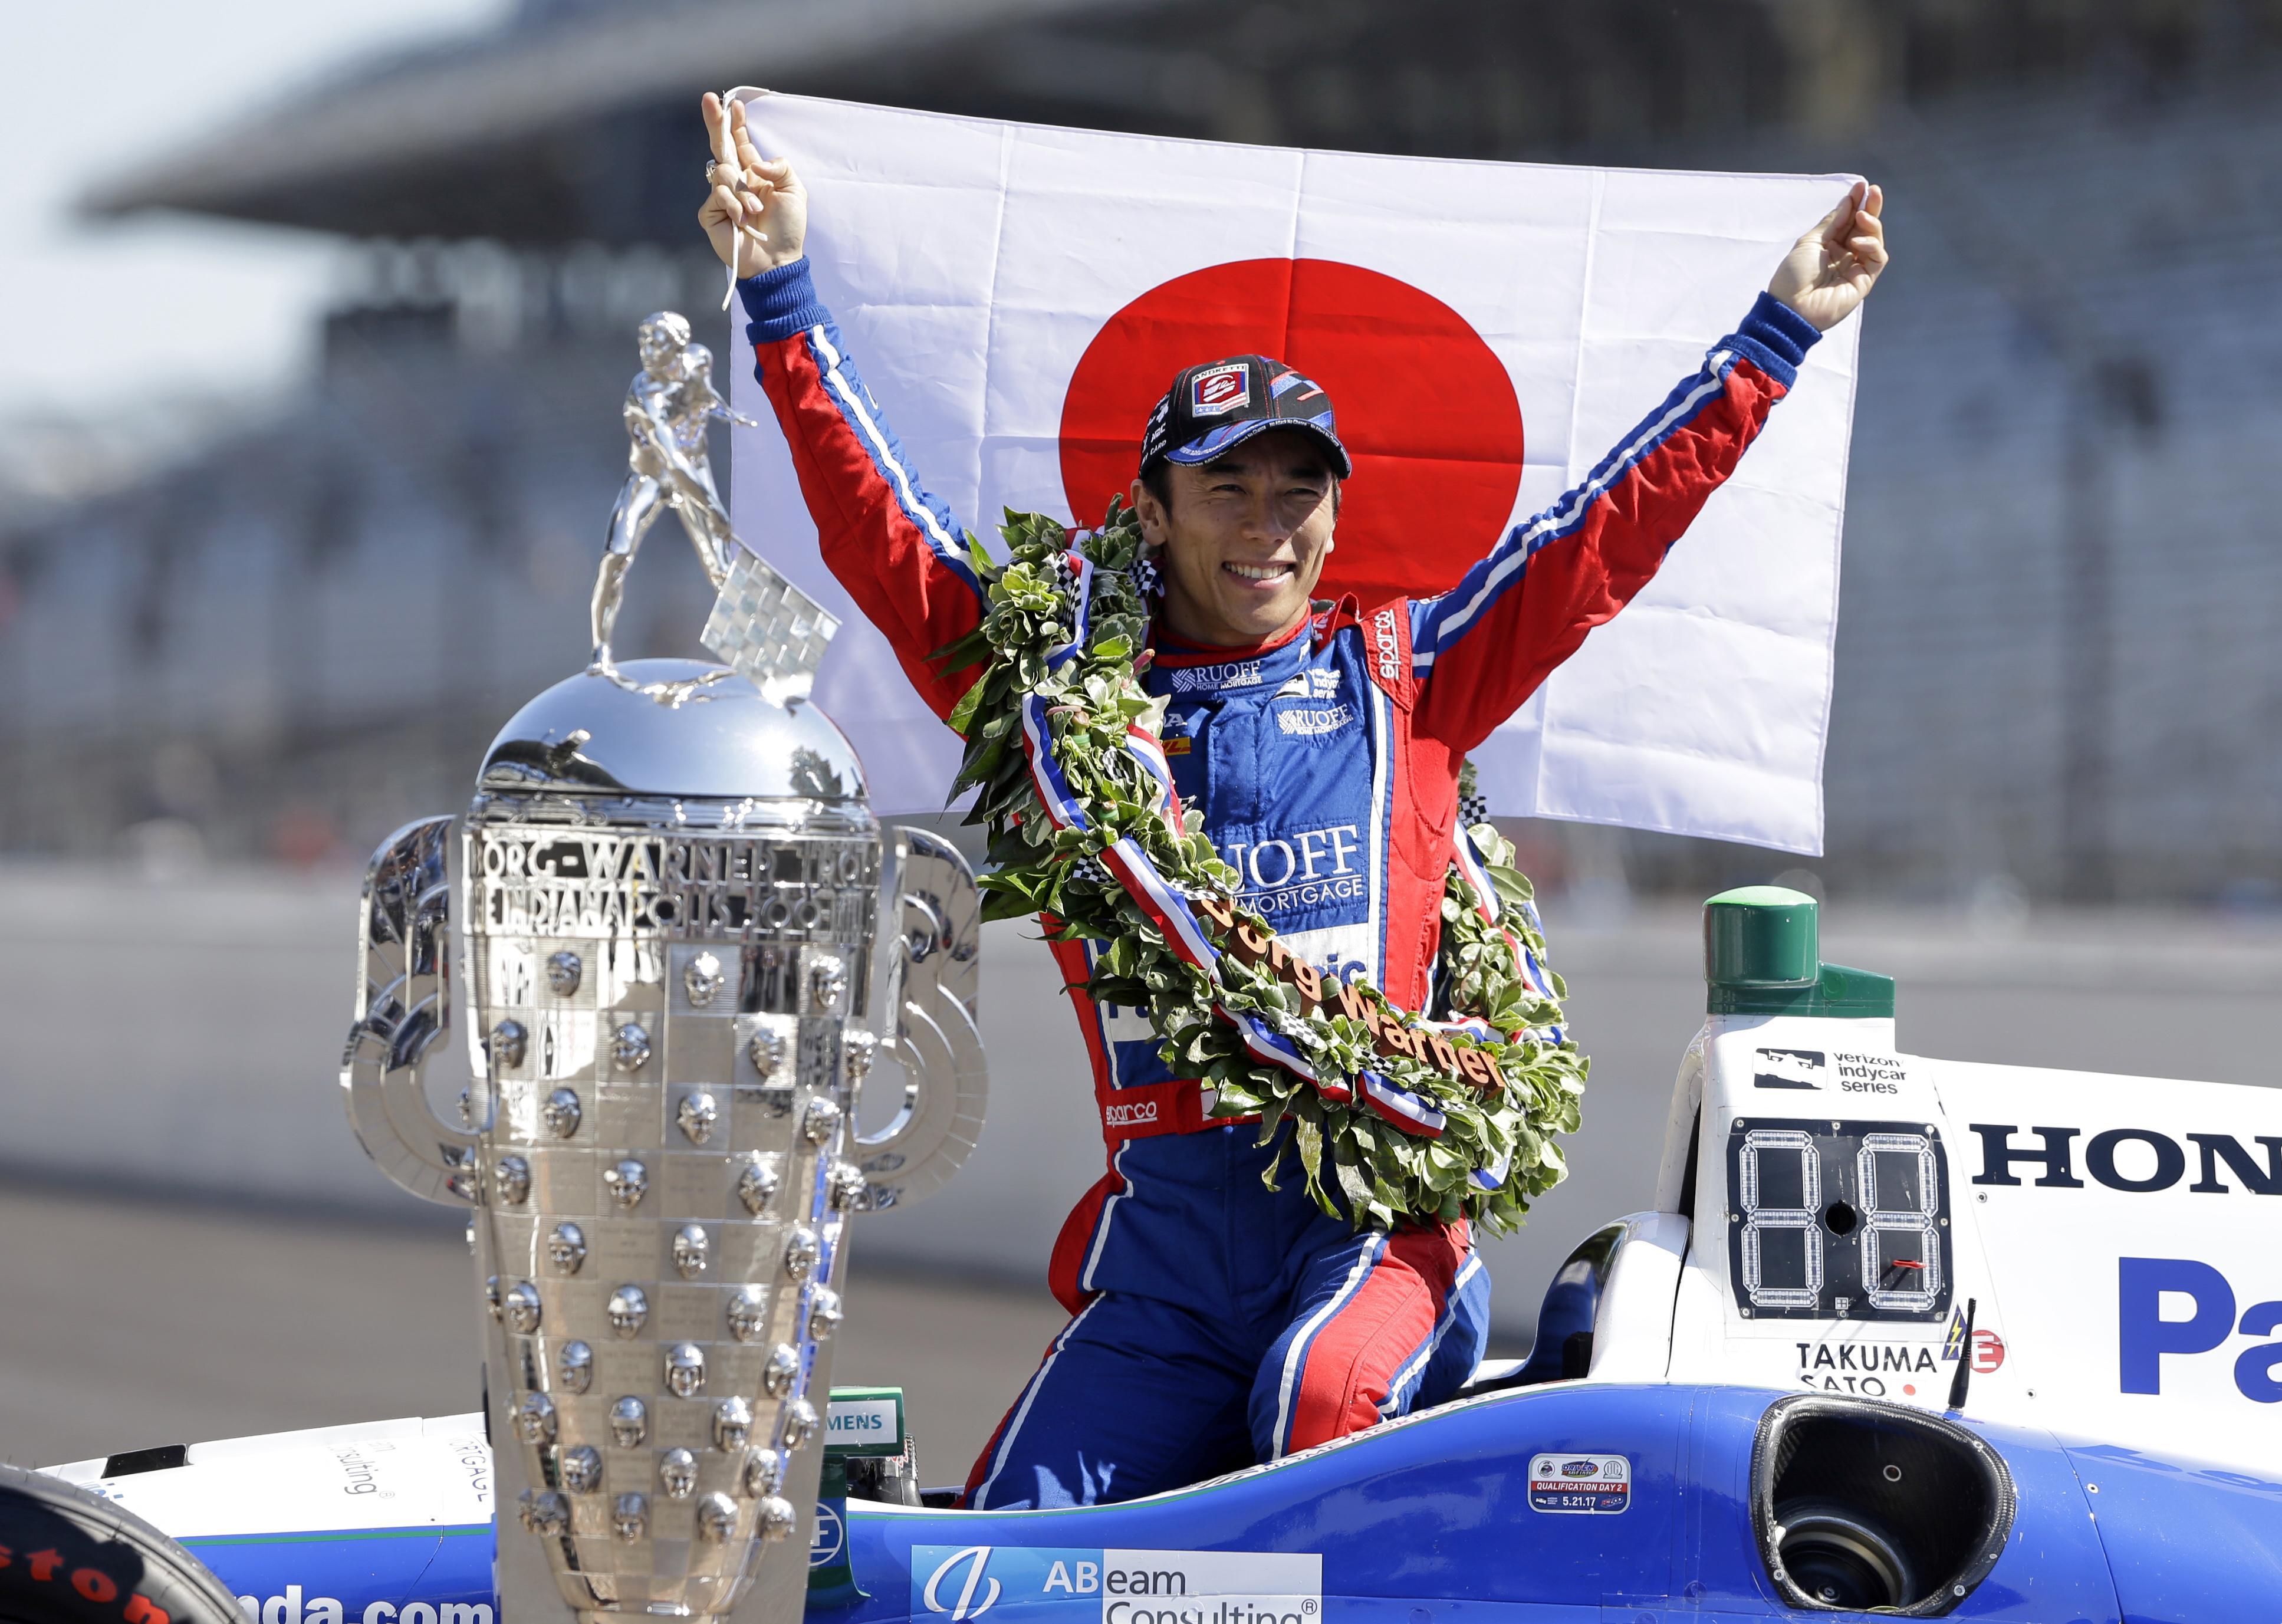 Takuma Sato won the 2017 Indy 500